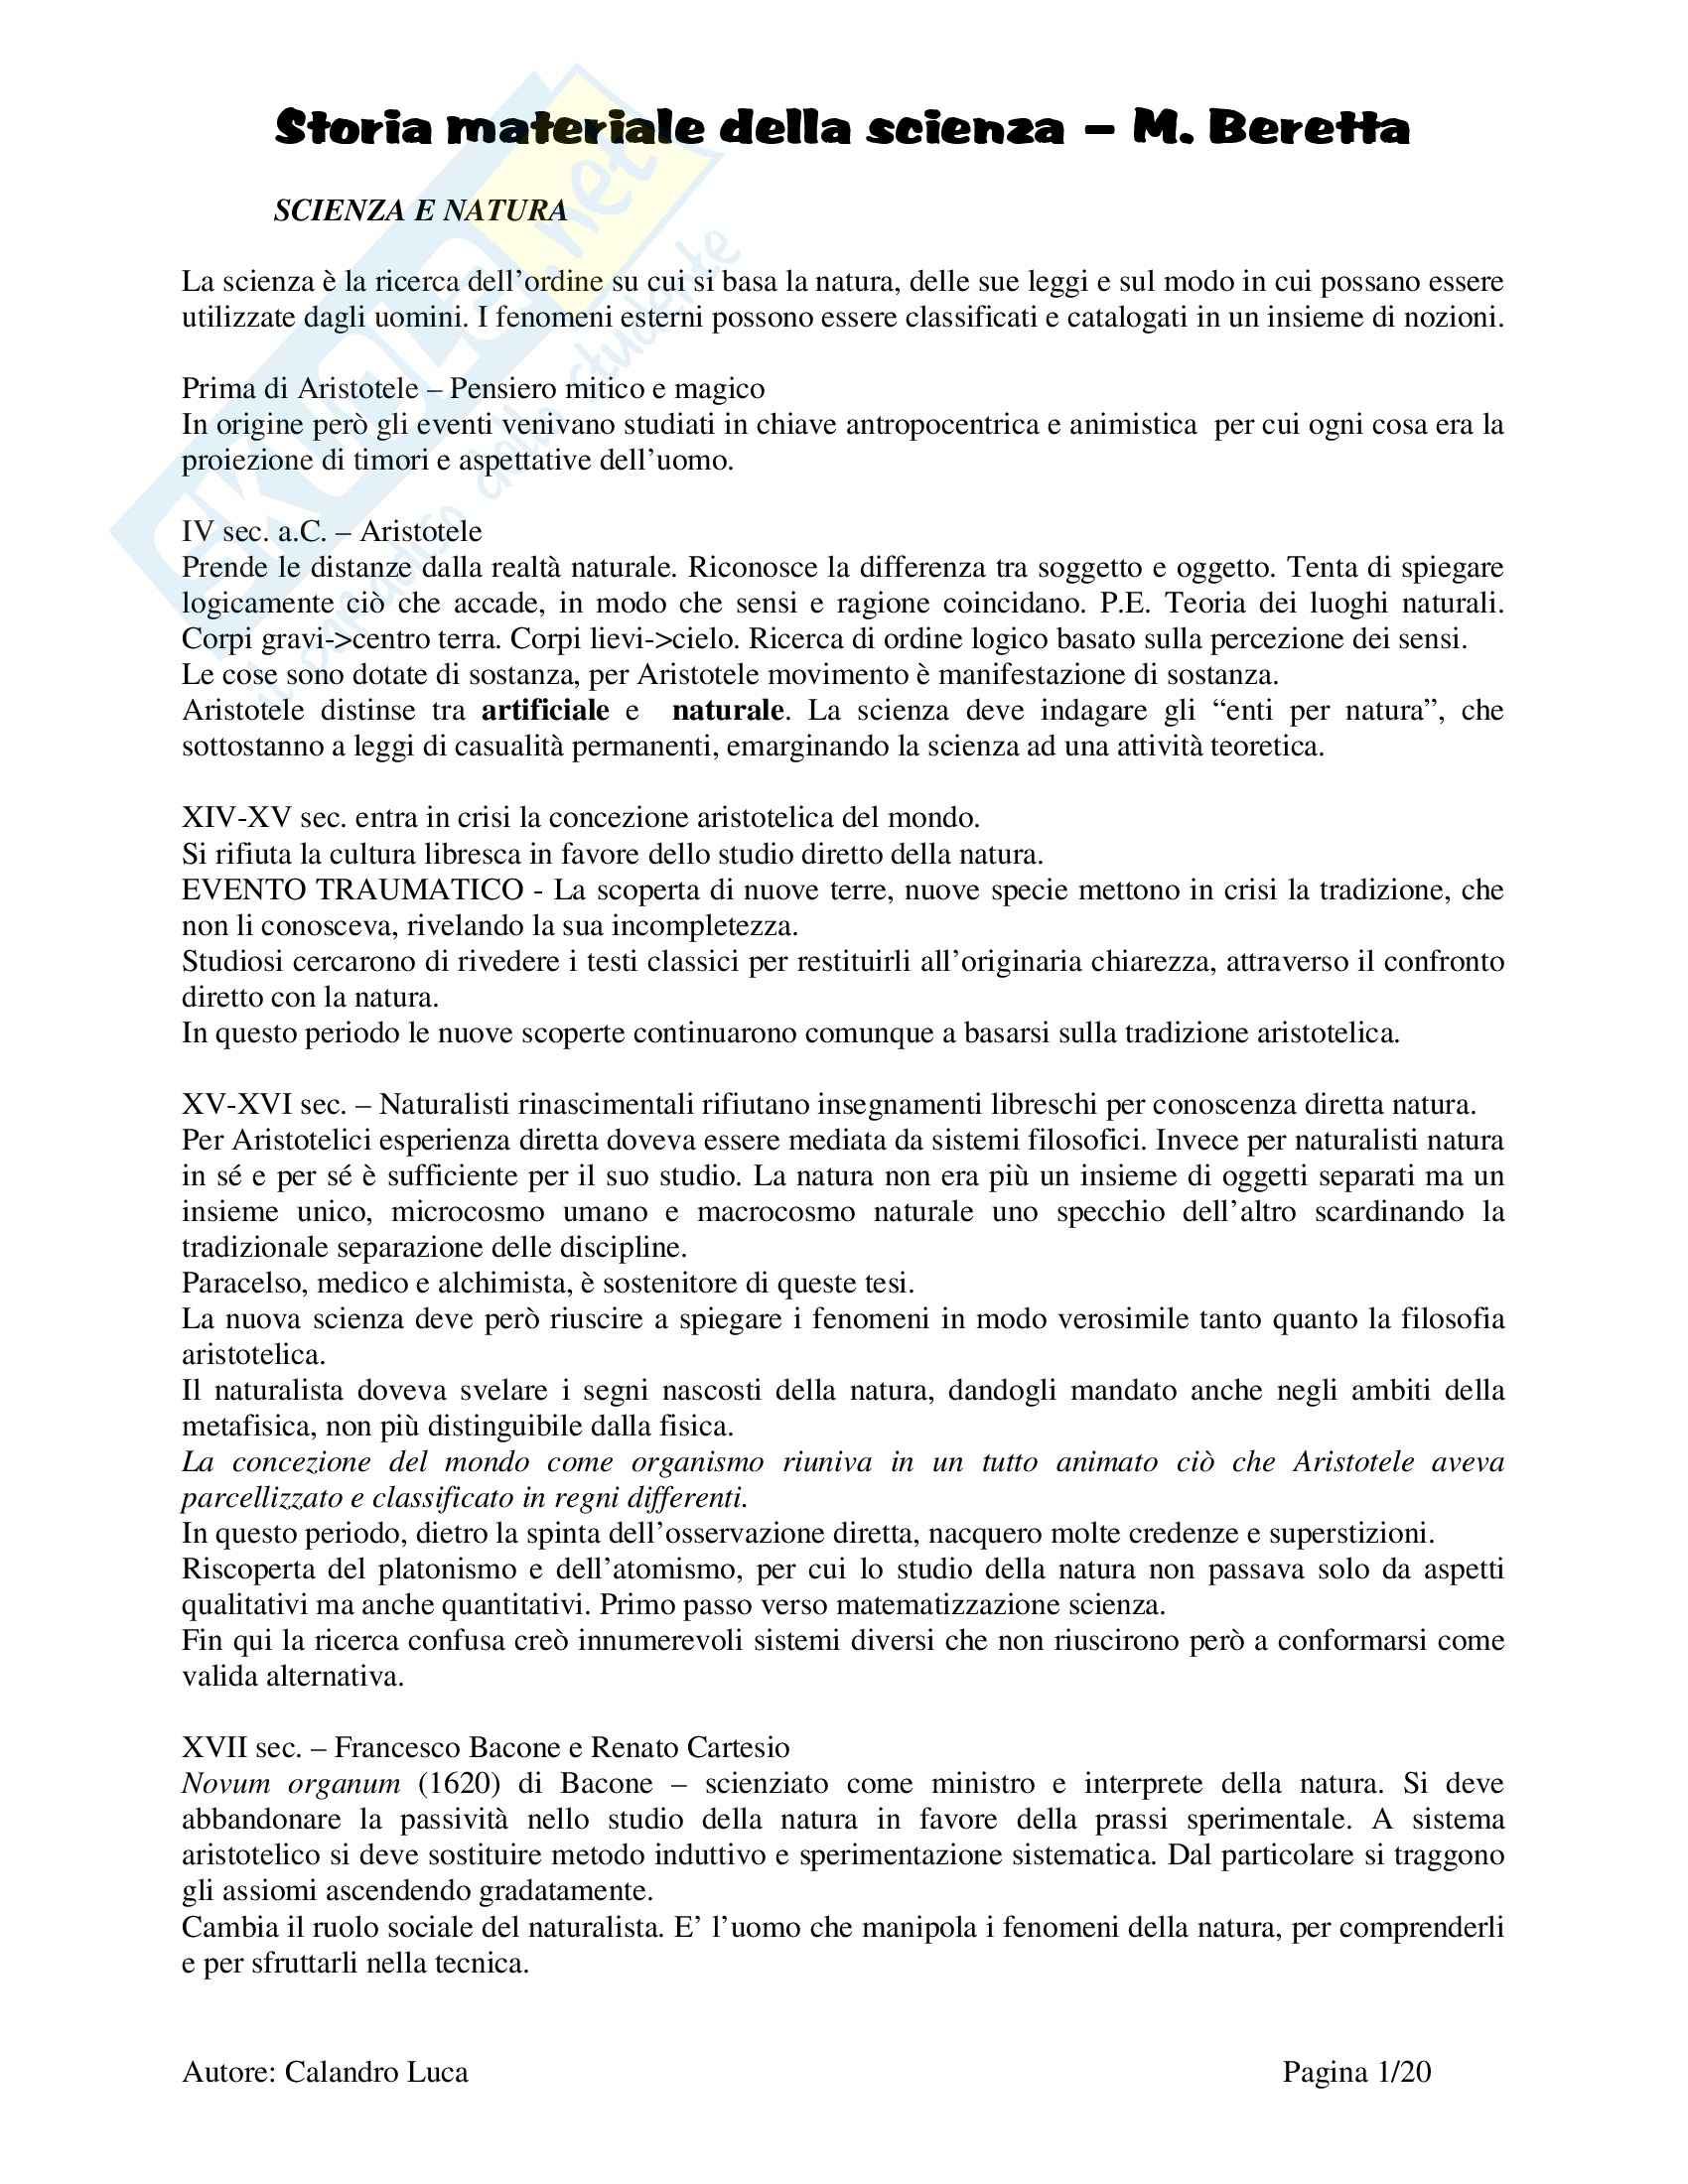 Storia materiale della Scienza - Beretta